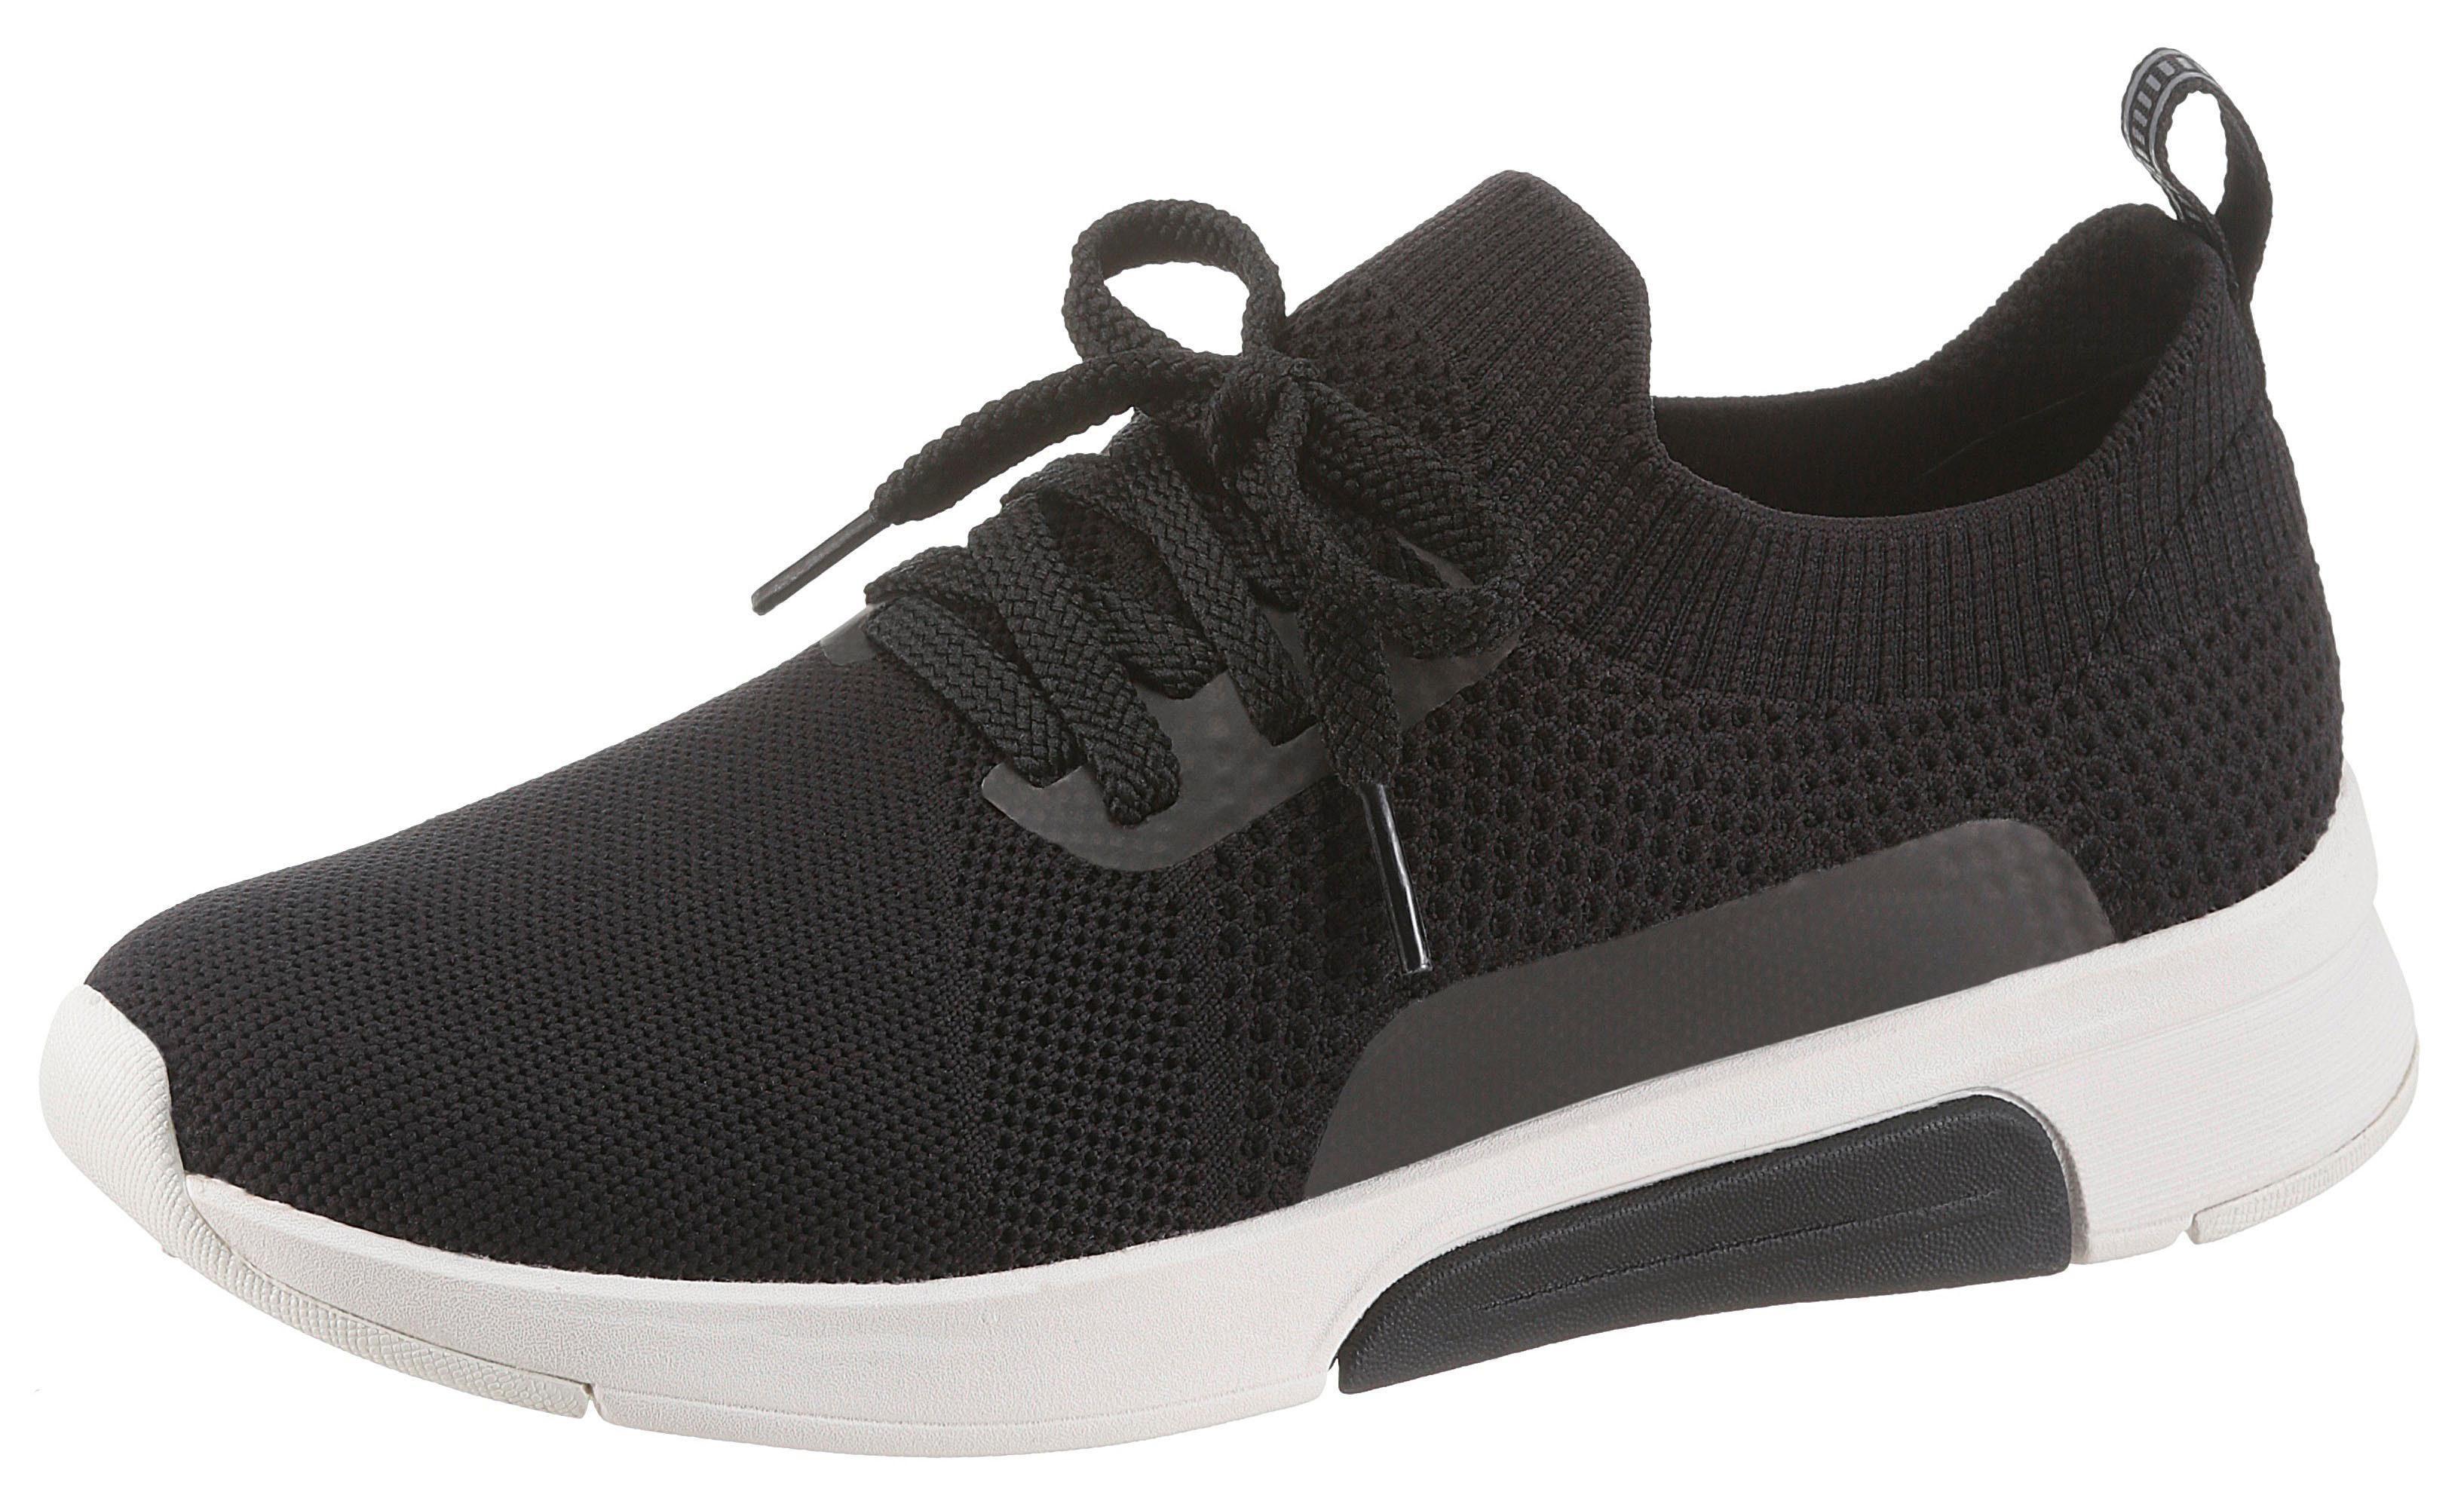 Sonderangebot >12616 Slip-On Skechers »Mark Nason - Modern Jogger Groves« Slip-On >12616 Sneaker mit Strick-Schaft be1f48